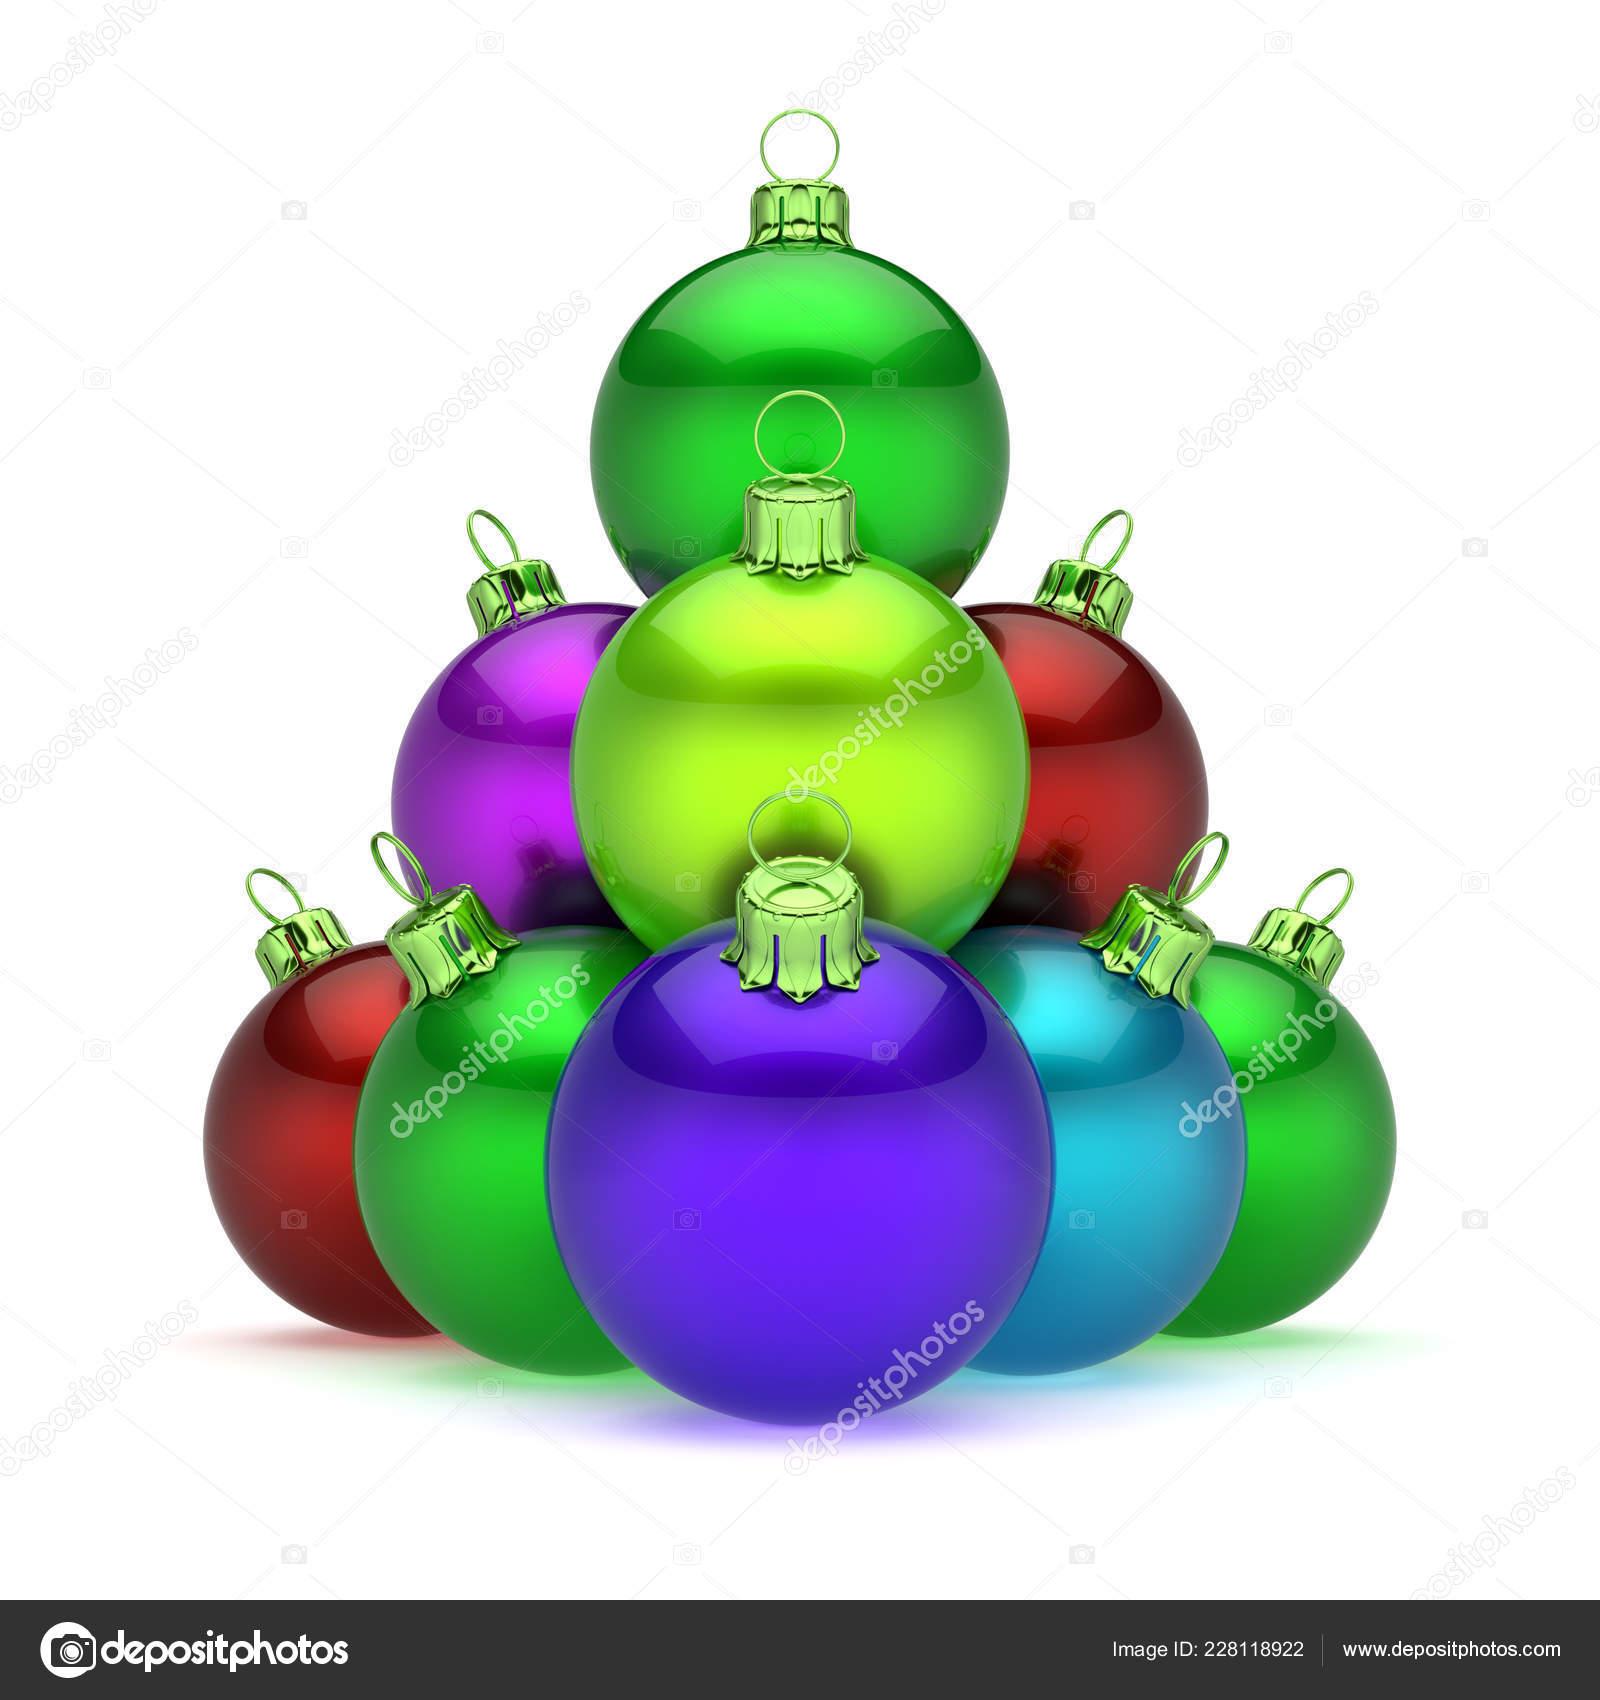 4f5610a642e Pirámide de bolas de Navidad arreglado brillante colorido. Feliz día de año  nuevo adornos decoración multicolor del grupo. Feliz plantilla de tarjeta  de ...